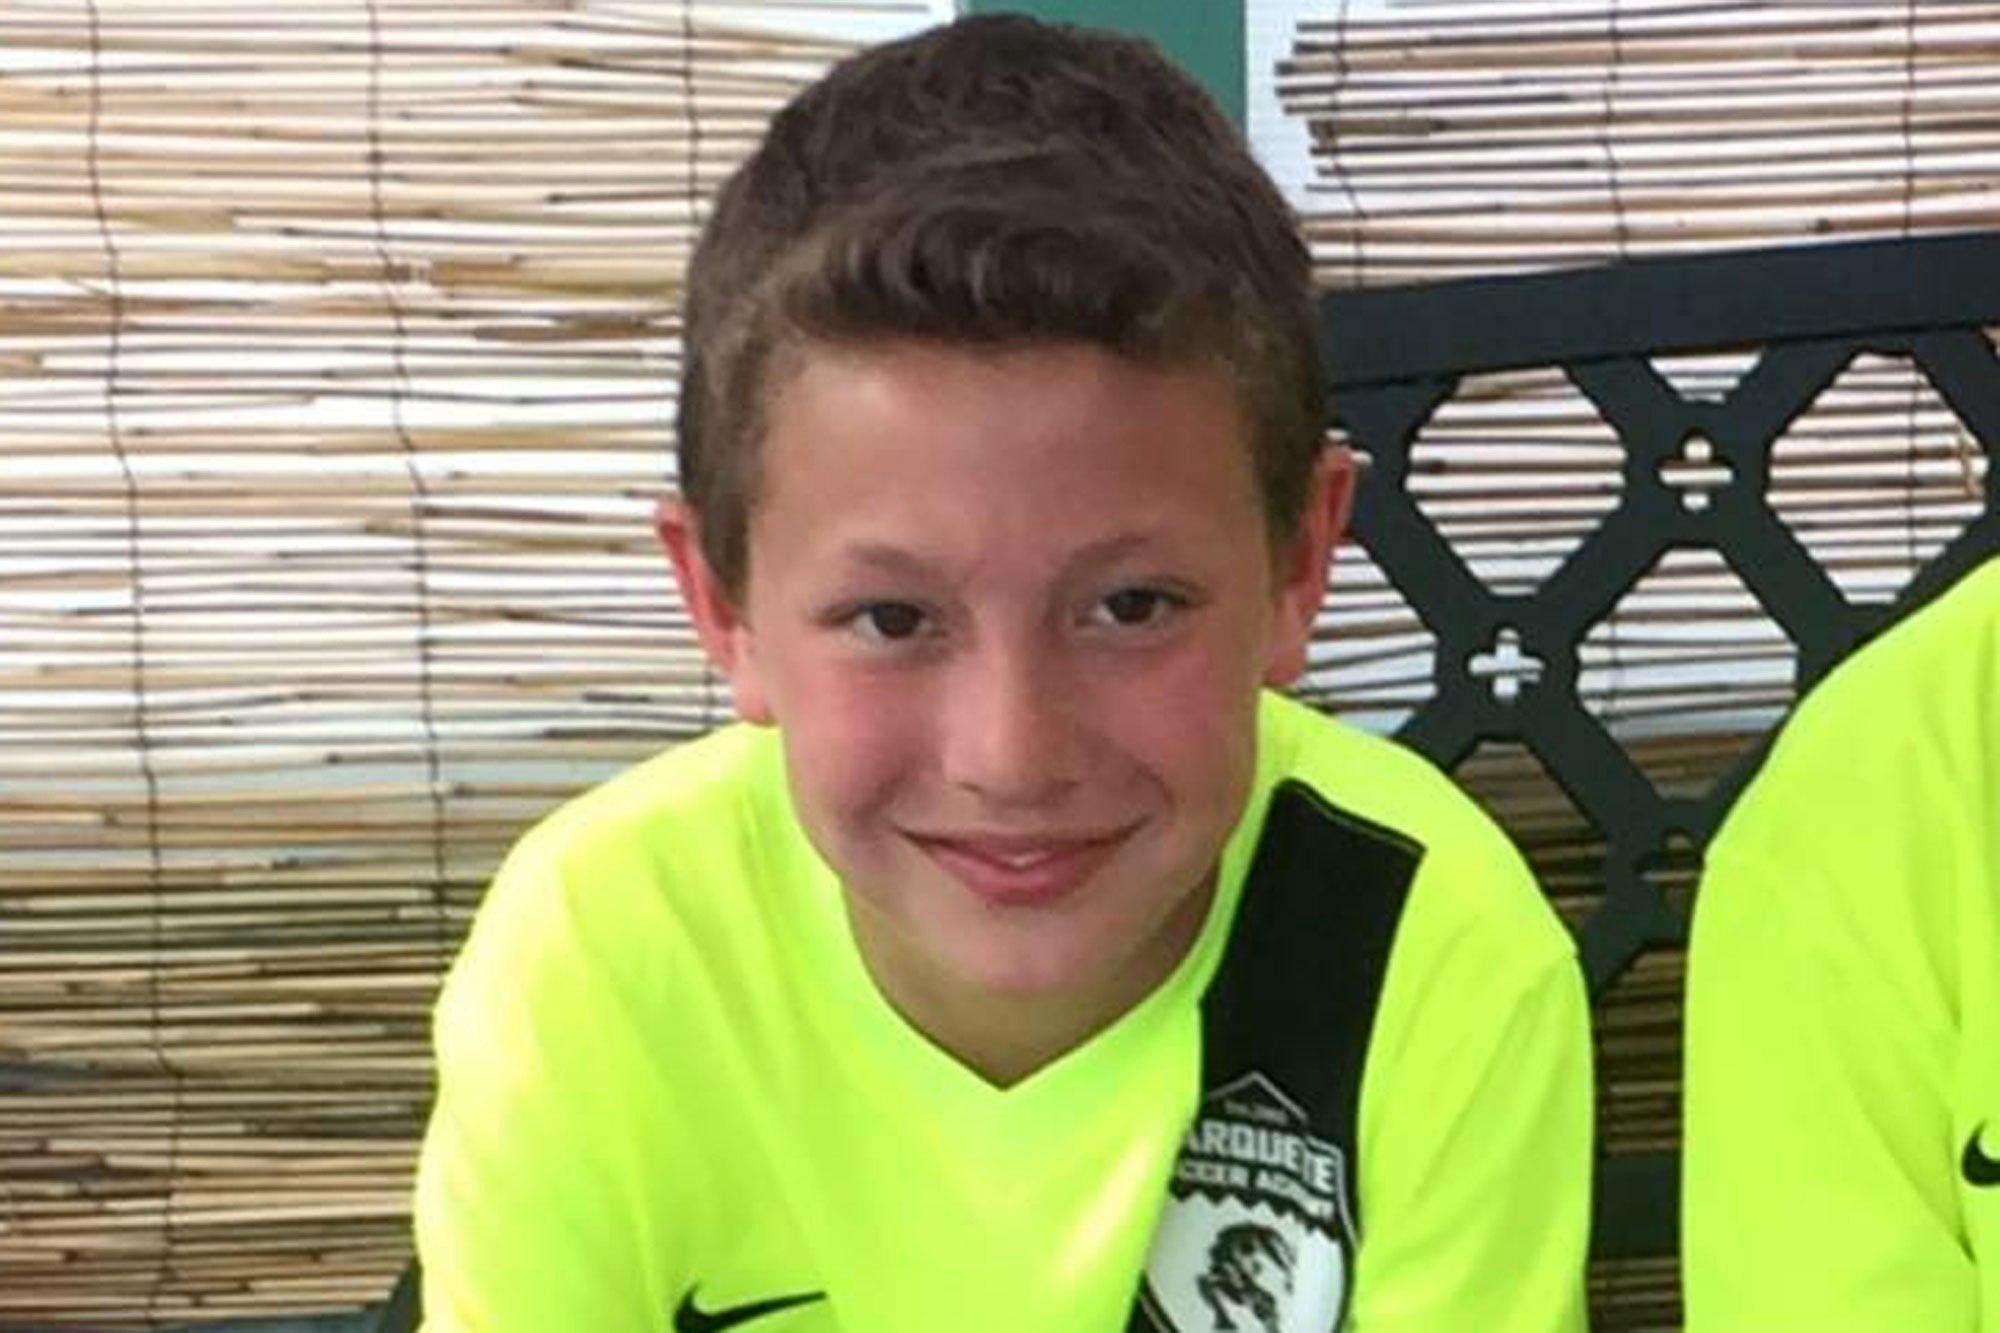 여자 친구의 자살극에 속아 자살한 11세 소년